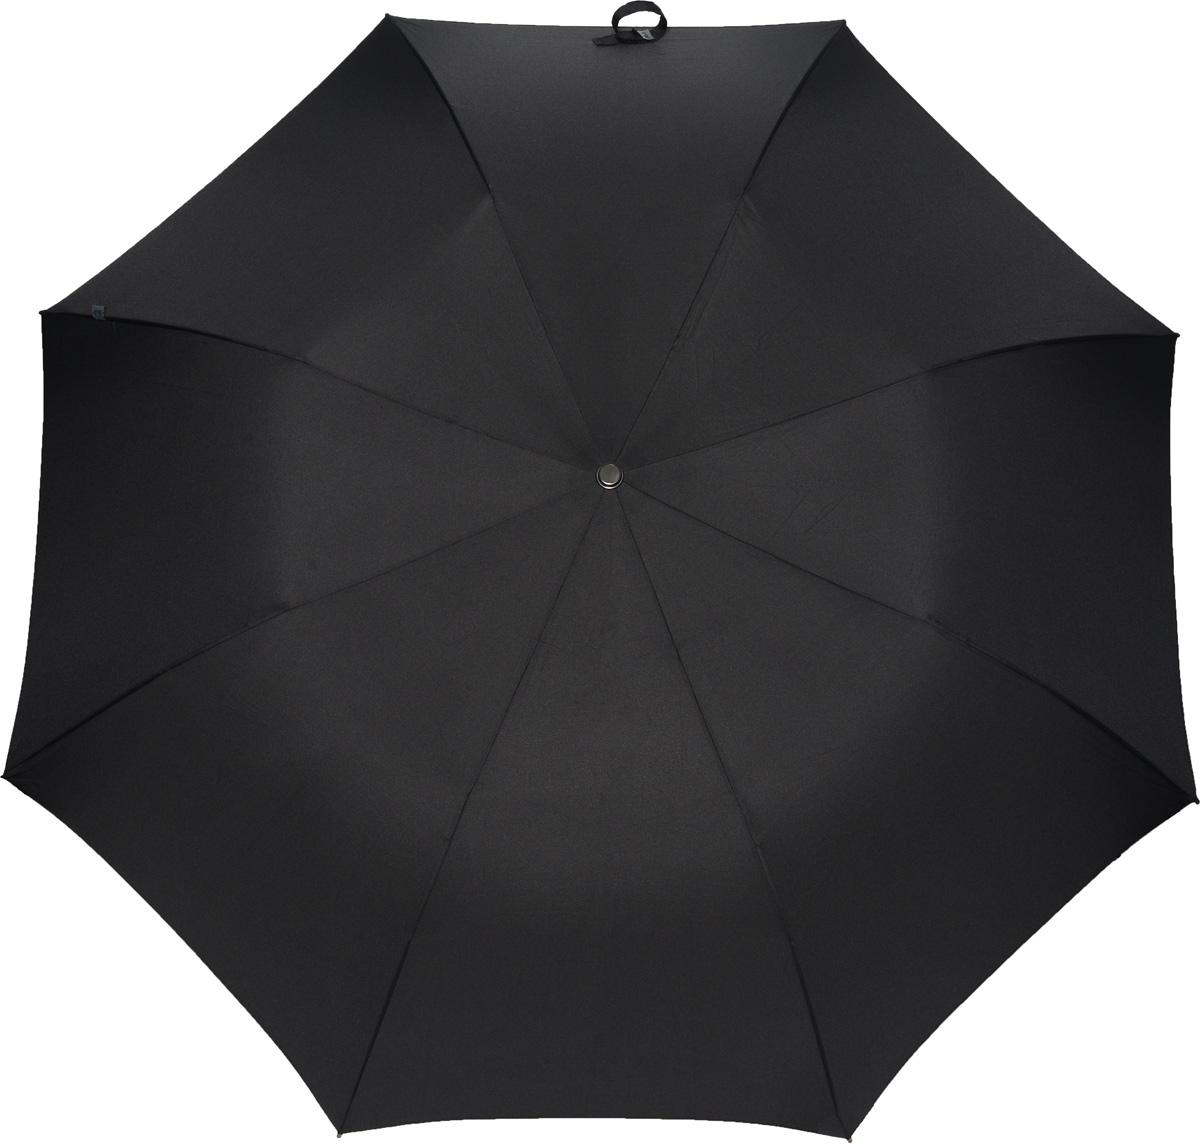 M&P 294 Зонт полный автом. 2 сл.гольф муж.294Зонт испанского производителя Clima. В производстве зонтов используются современные материалы, что делает зонты легкими, но в то же время крепкими. Полный автомат, 2 сложения, 8 спиц по 71см, полиэстер.